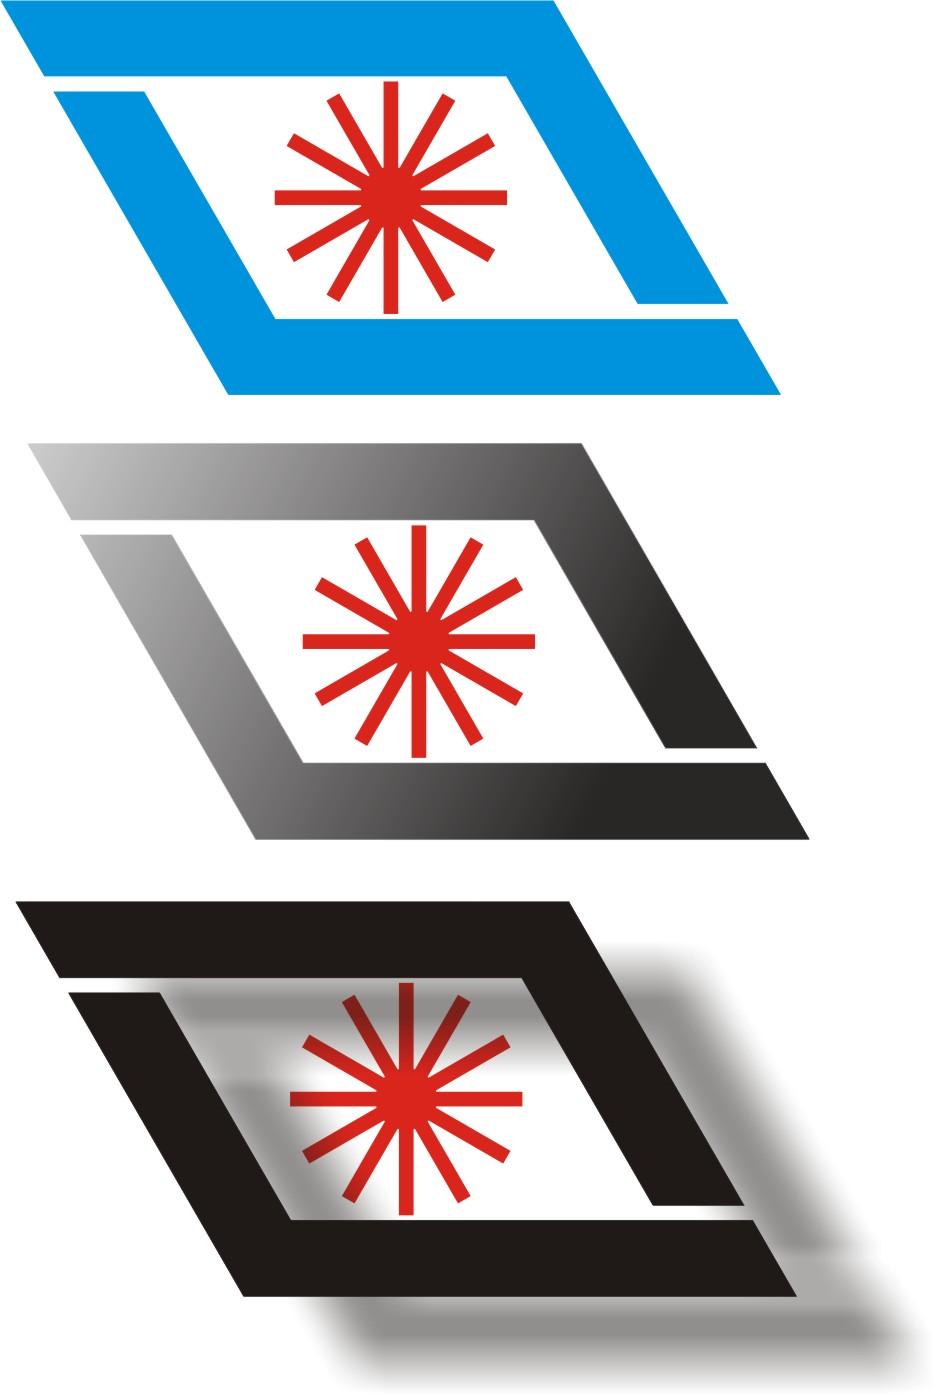 北京/方案1、以两个L组合成一个抽象的D,加上激光的通用标志组成...